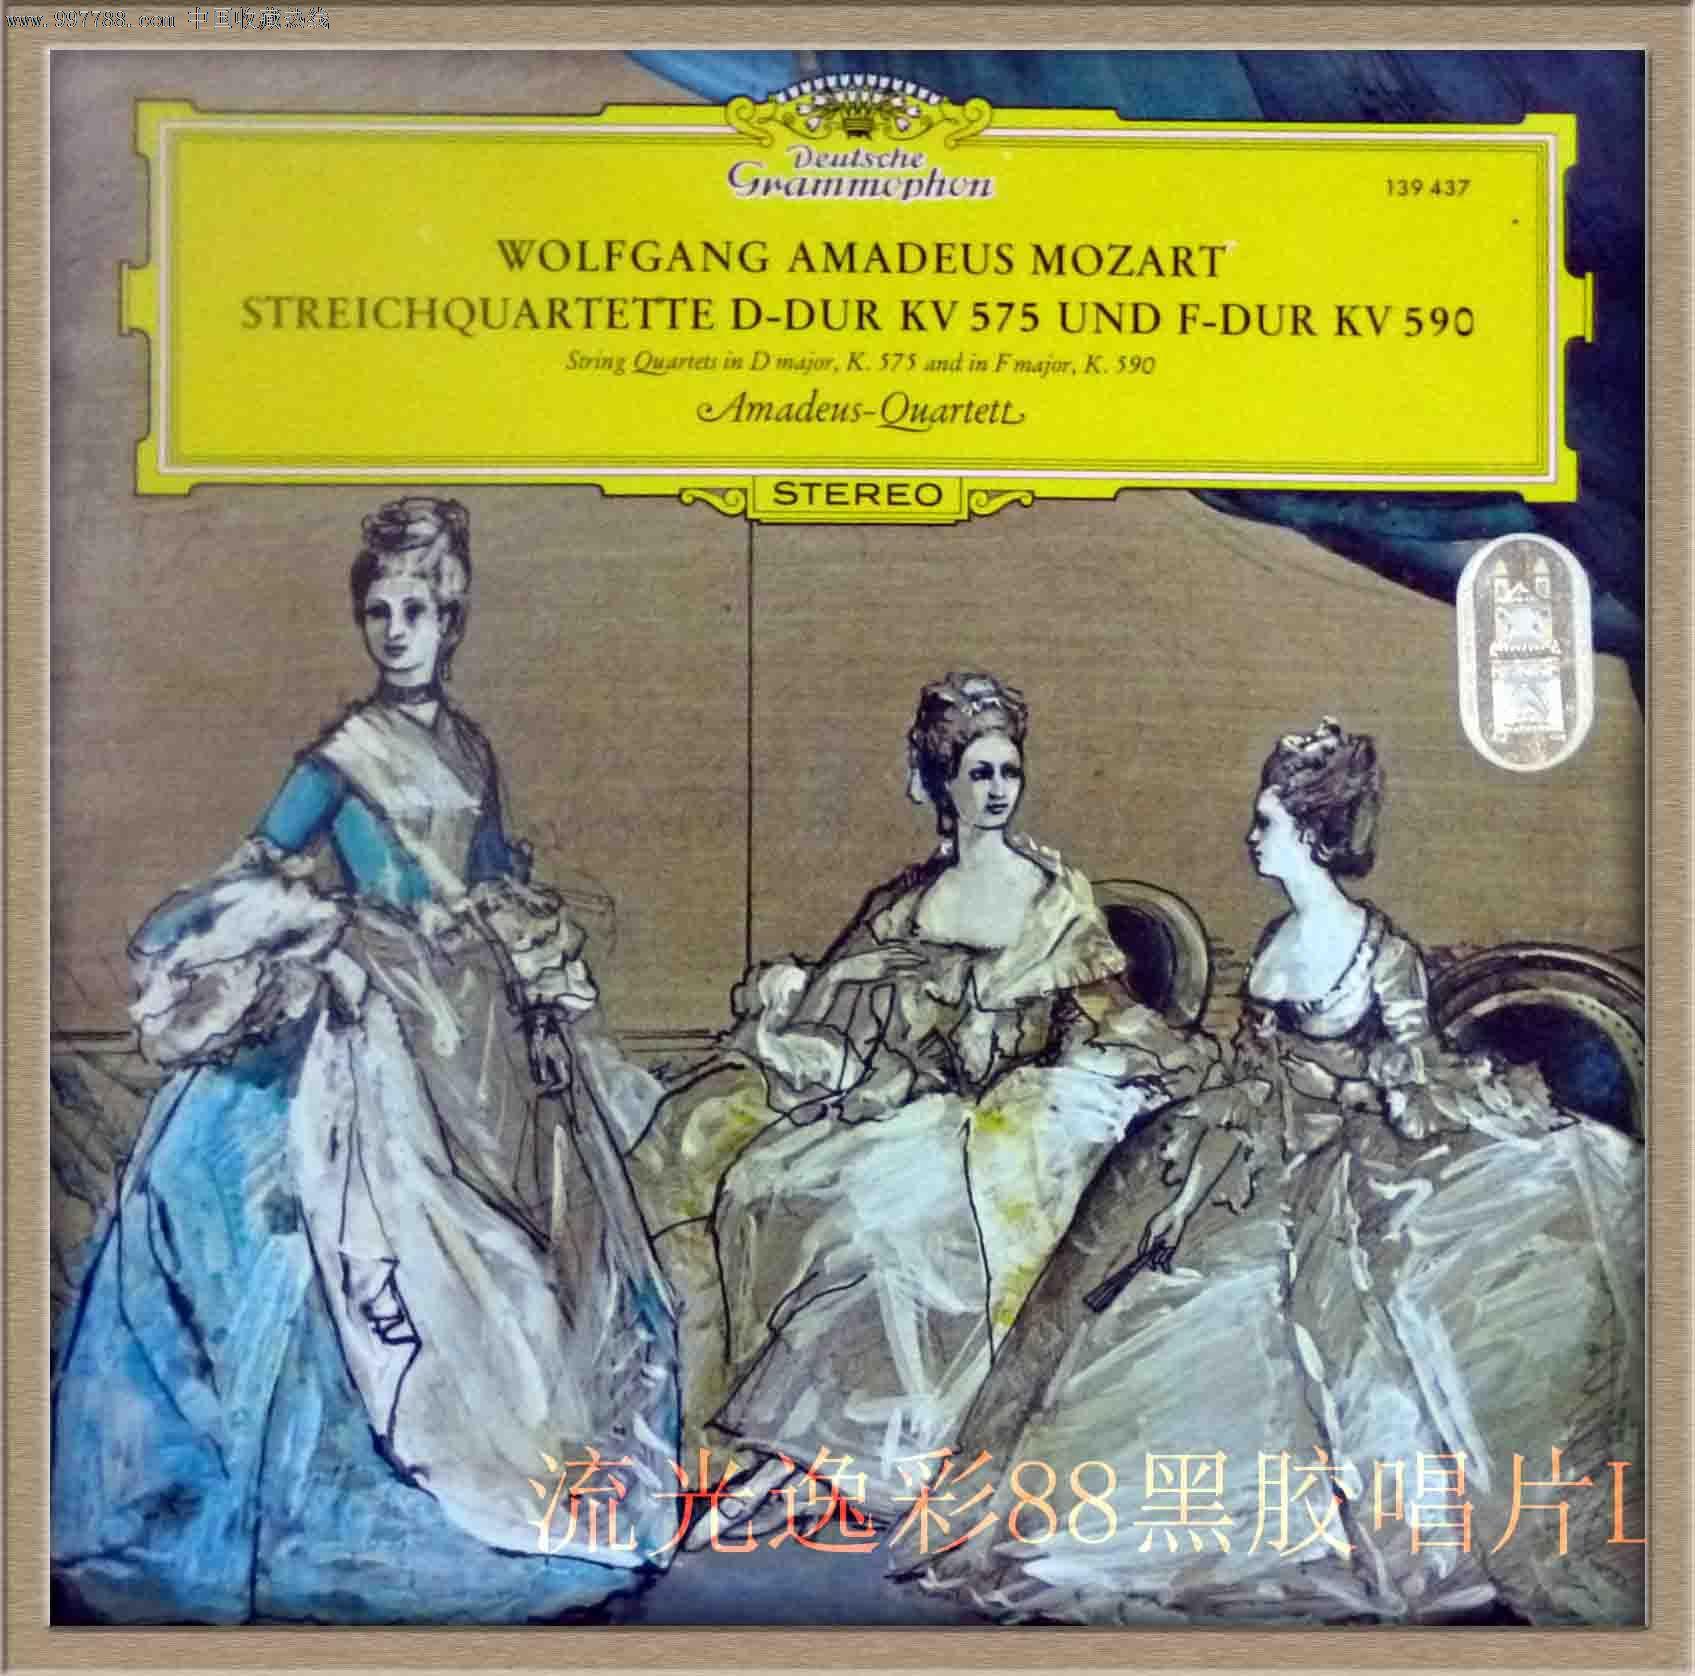 莫扎特 弦乐四重奏 古典